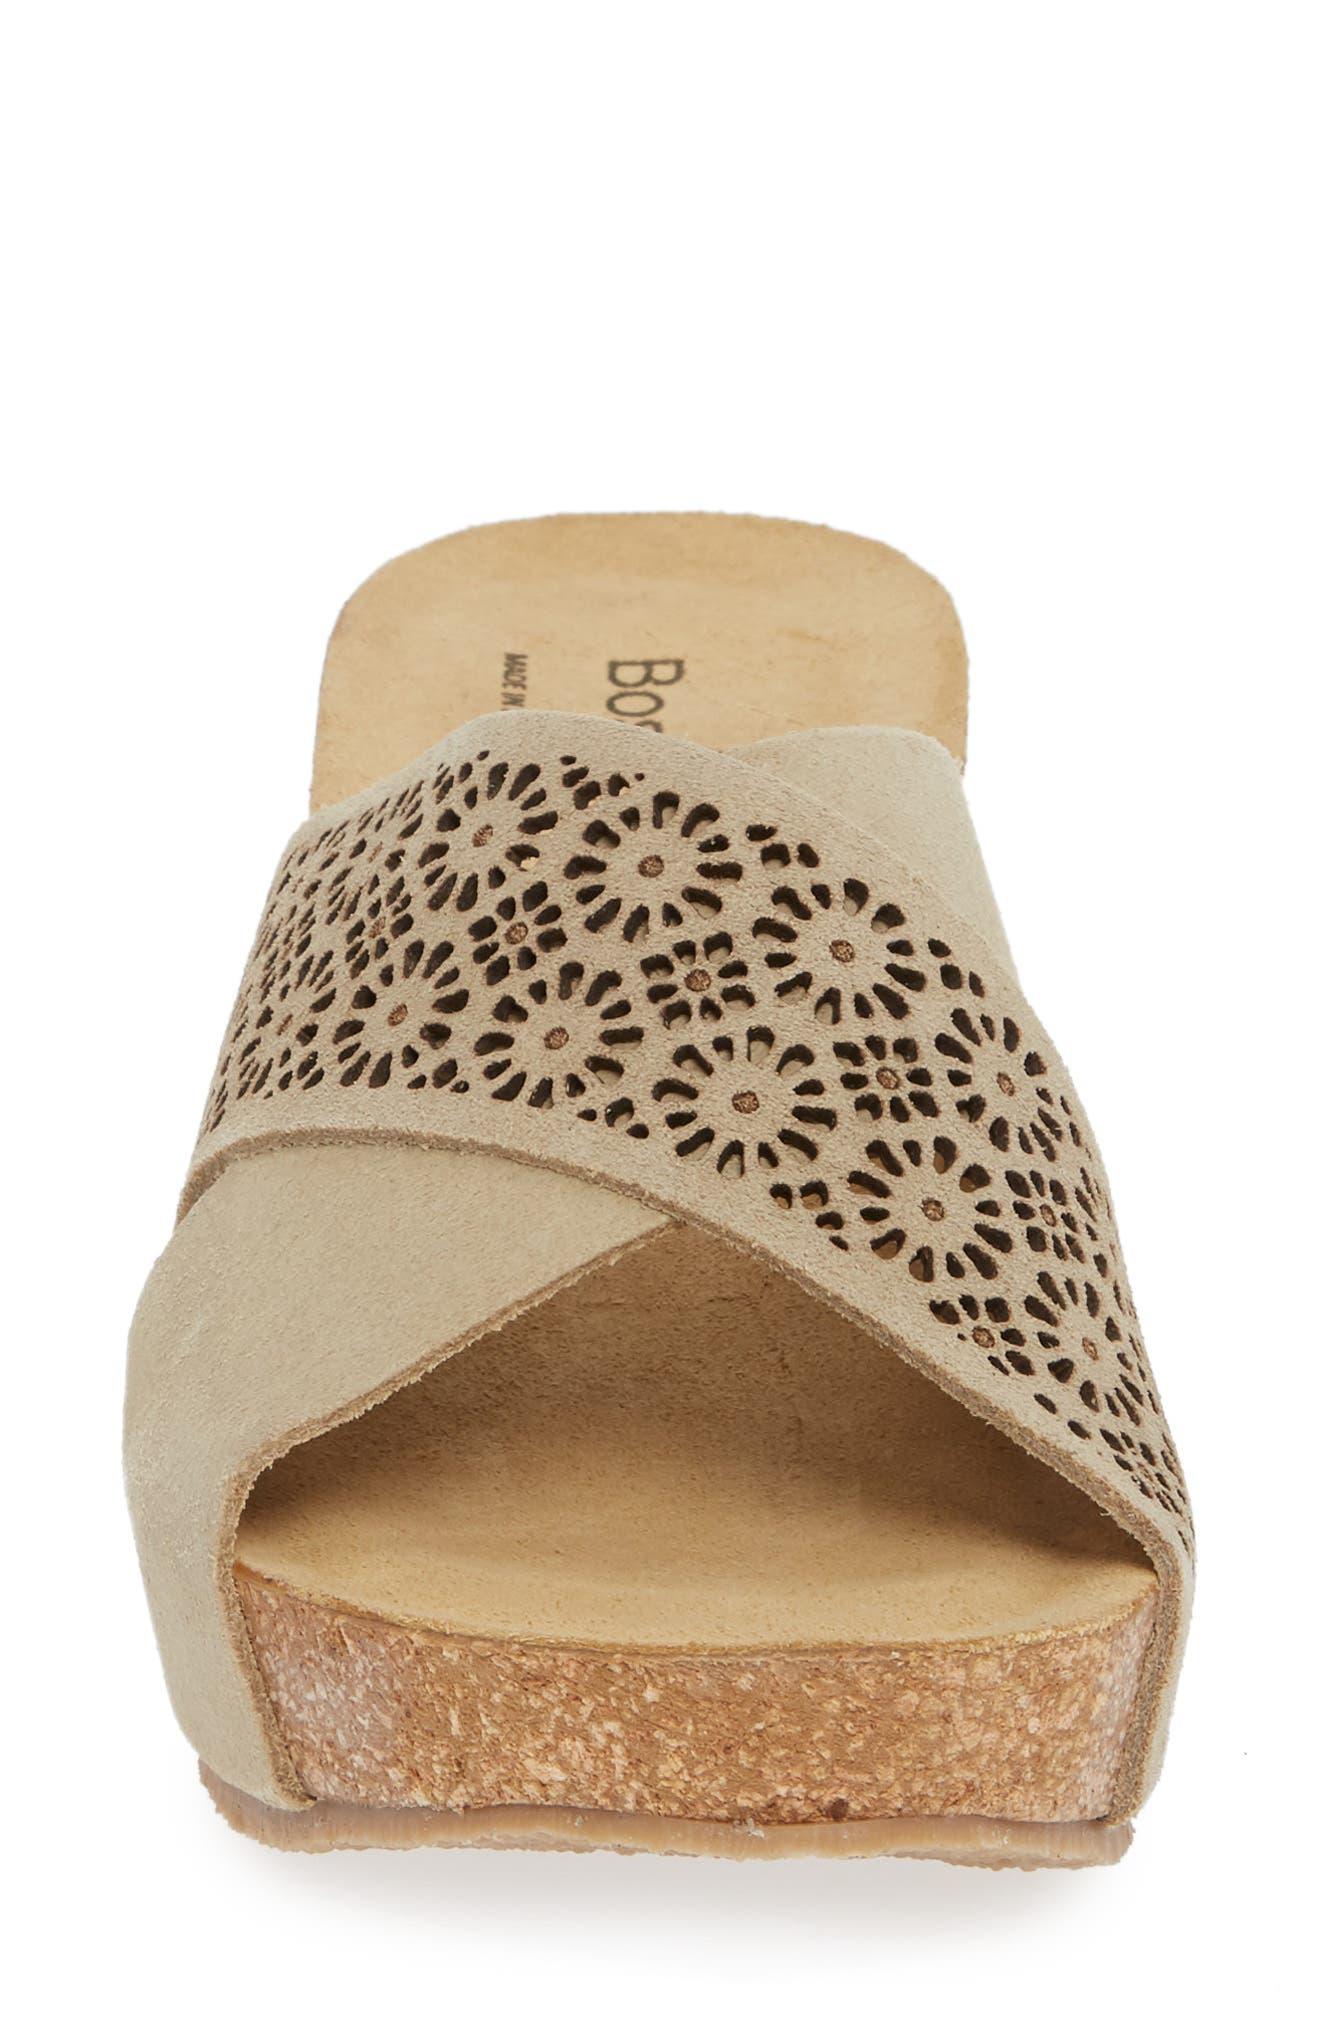 BOS. & CO., Lomi Platform Wedge Slide Sandal, Alternate thumbnail 4, color, BEIGE SUEDE